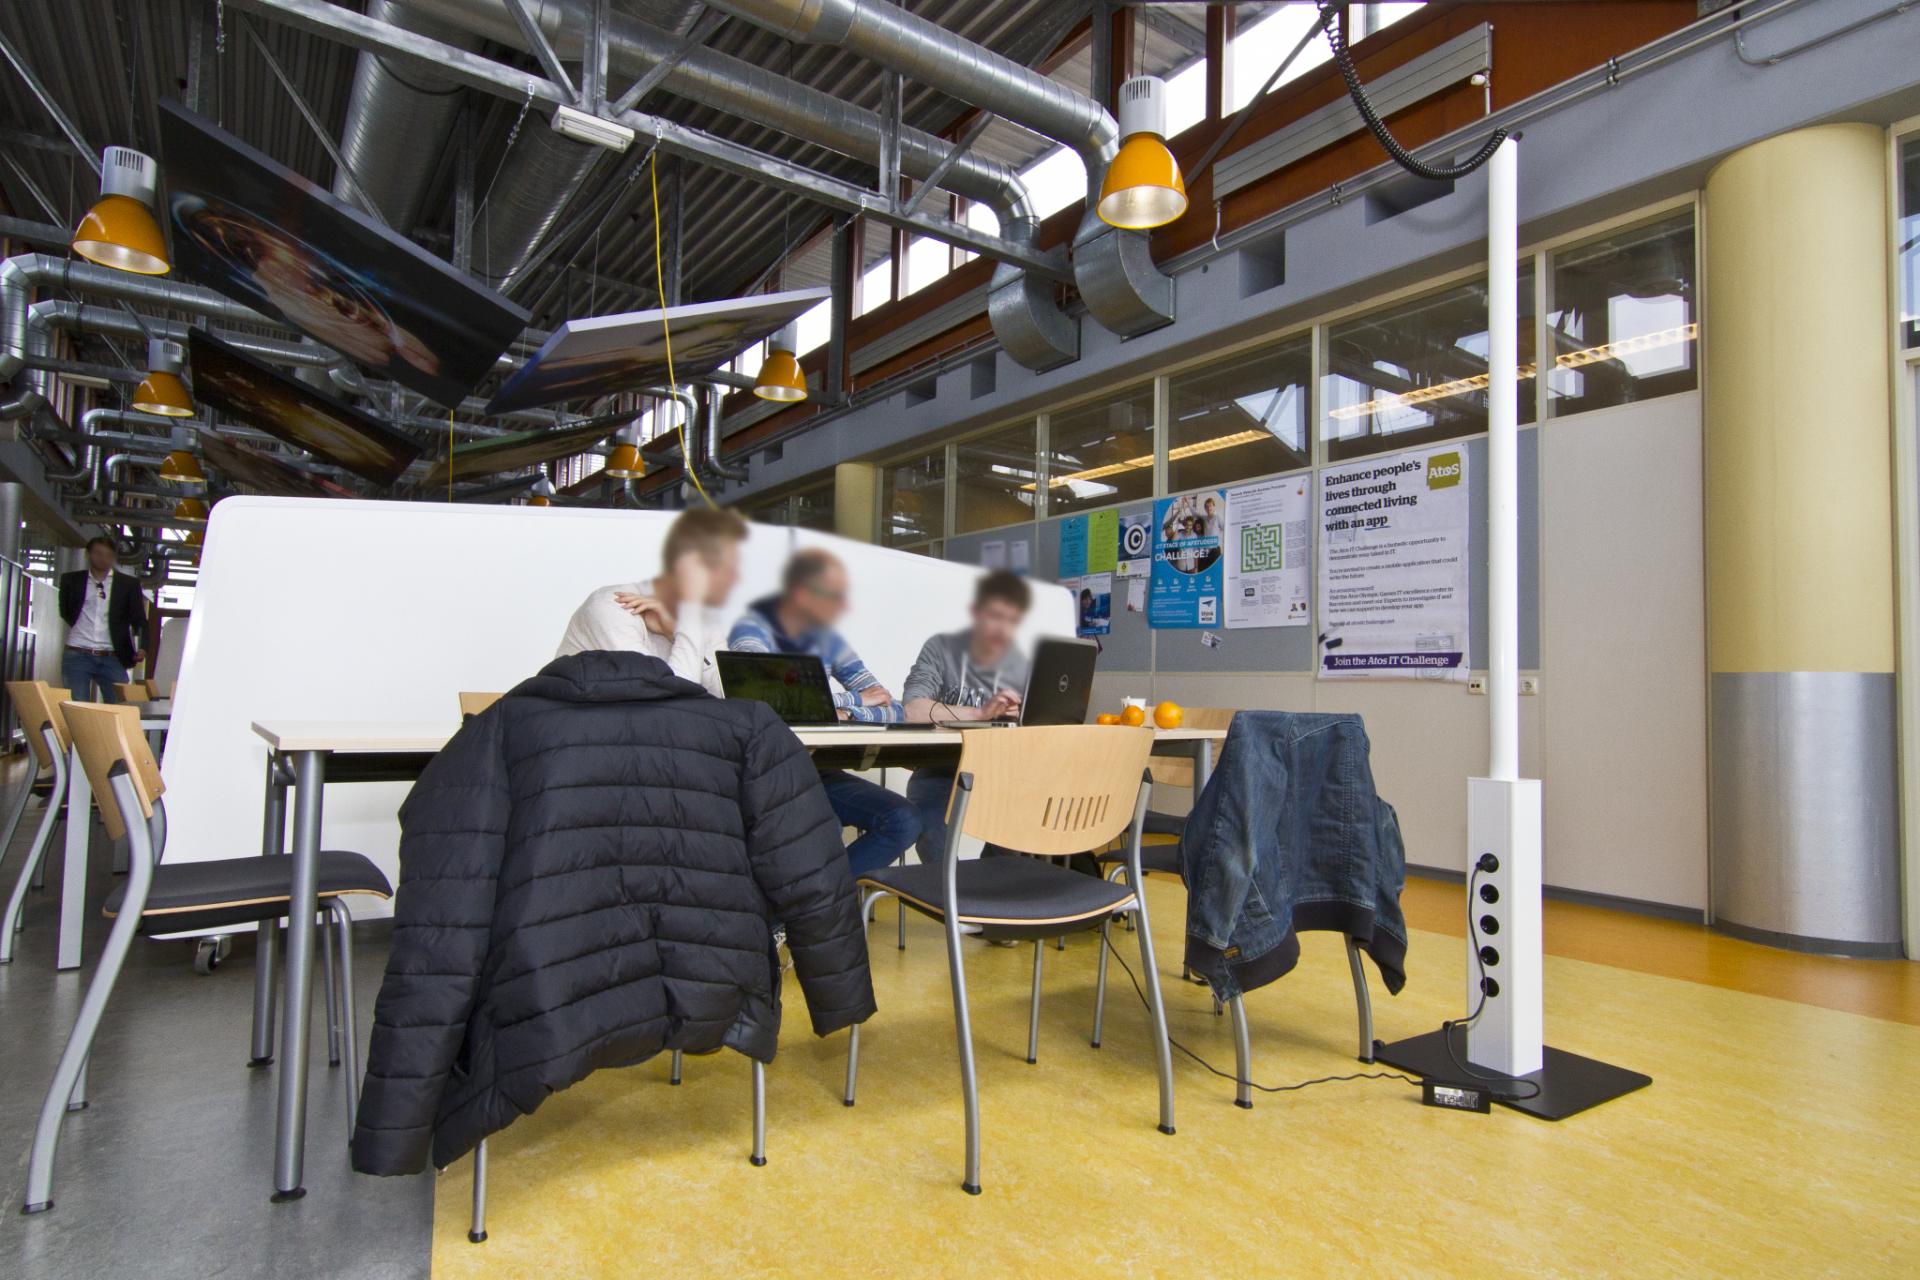 laptopzuil, energiezuil,werkplek, flexwerken,stroom,aansluiting via plafond